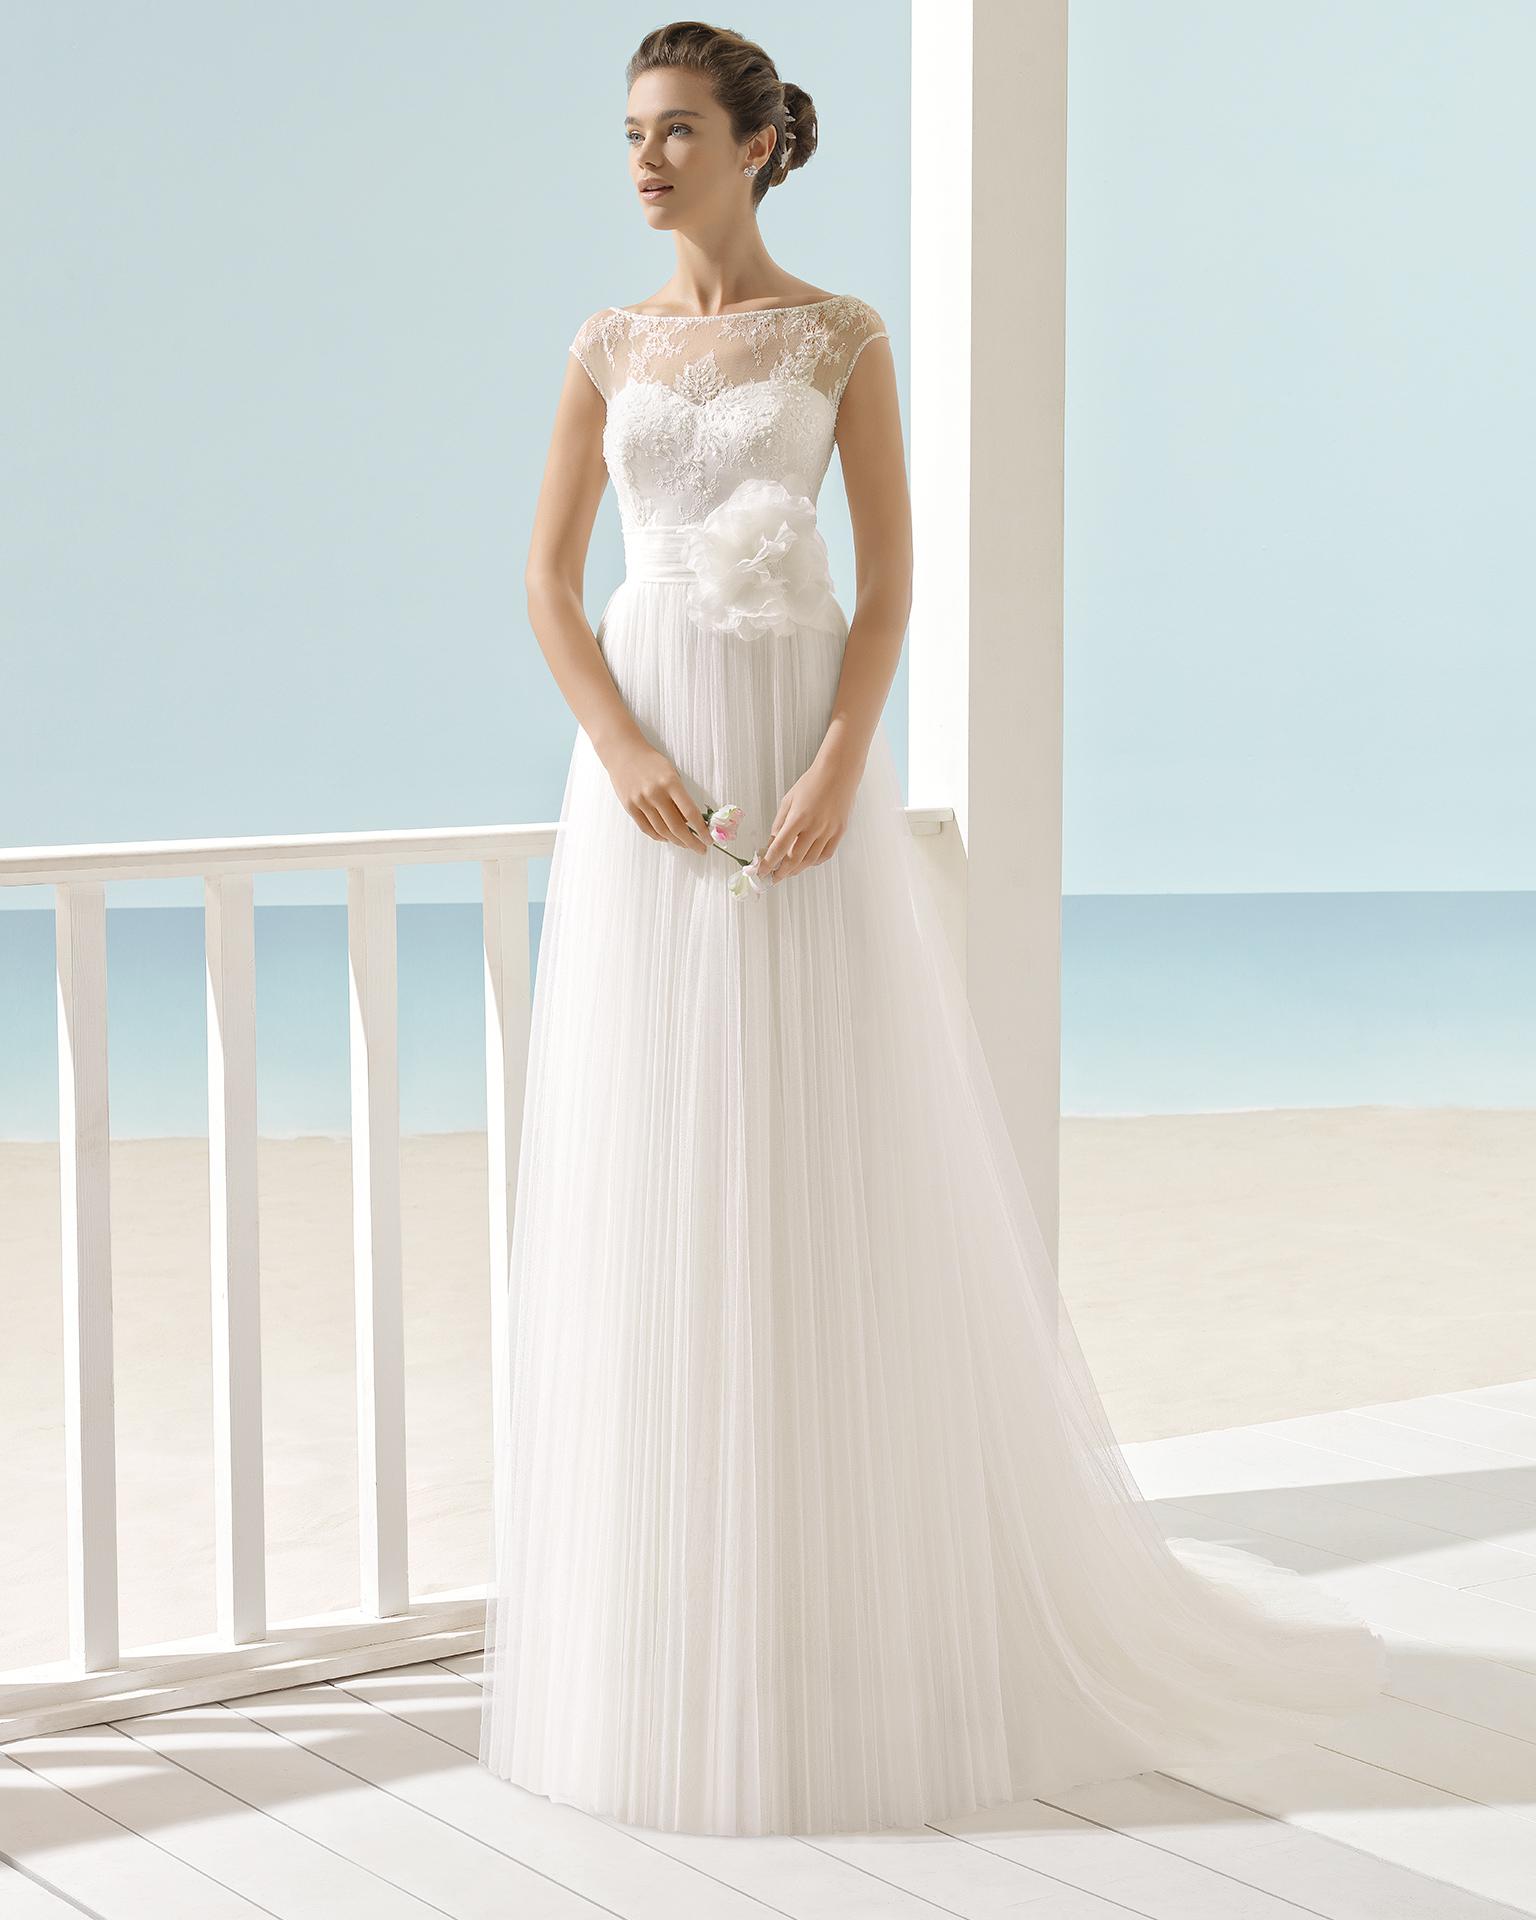 XIANA rochie de mireasă Aire Barcelona Beach Wedding 2017